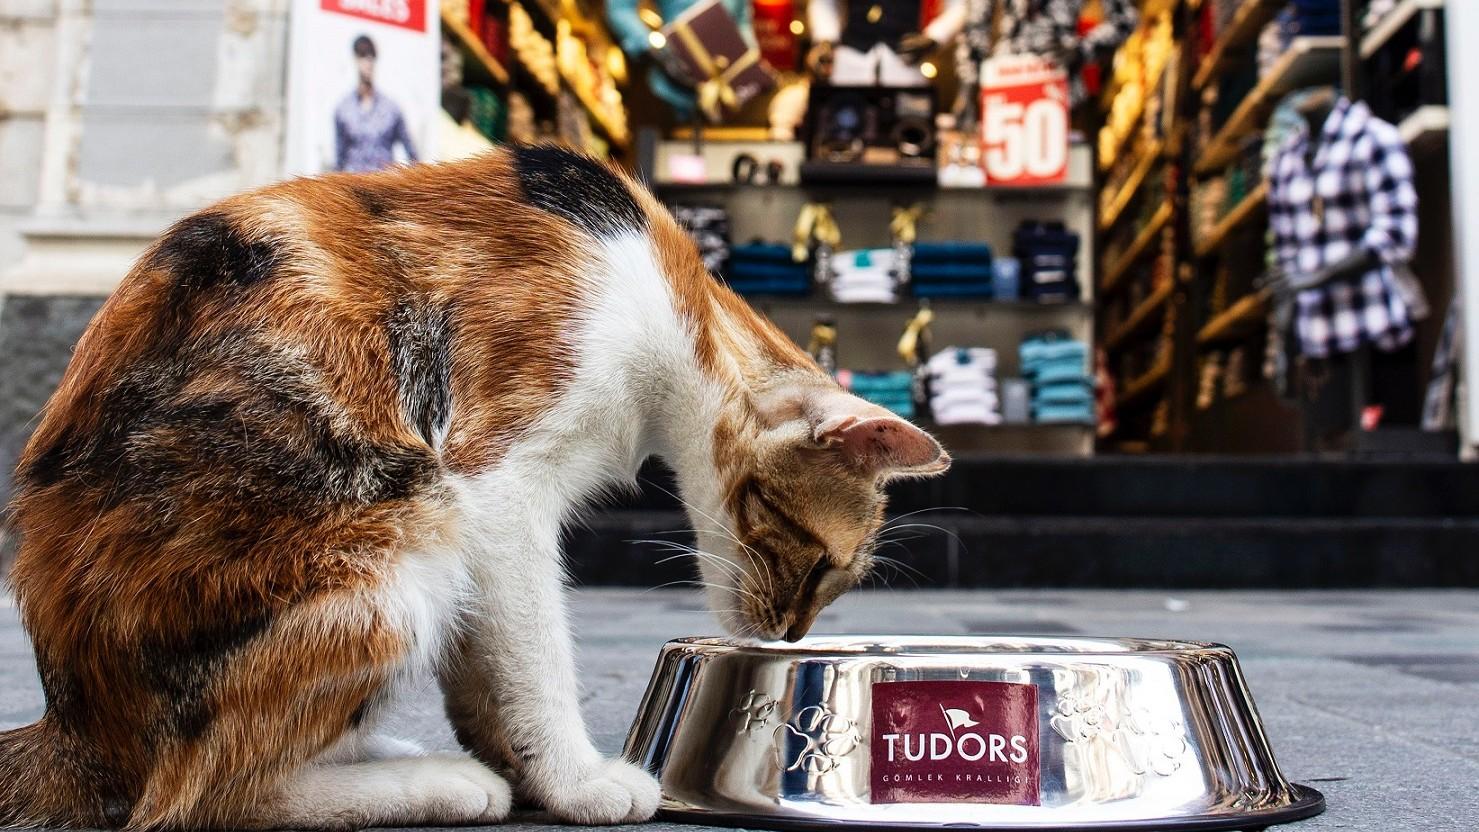 Tudors'dan sokak hayvanları için anlamlı davranış